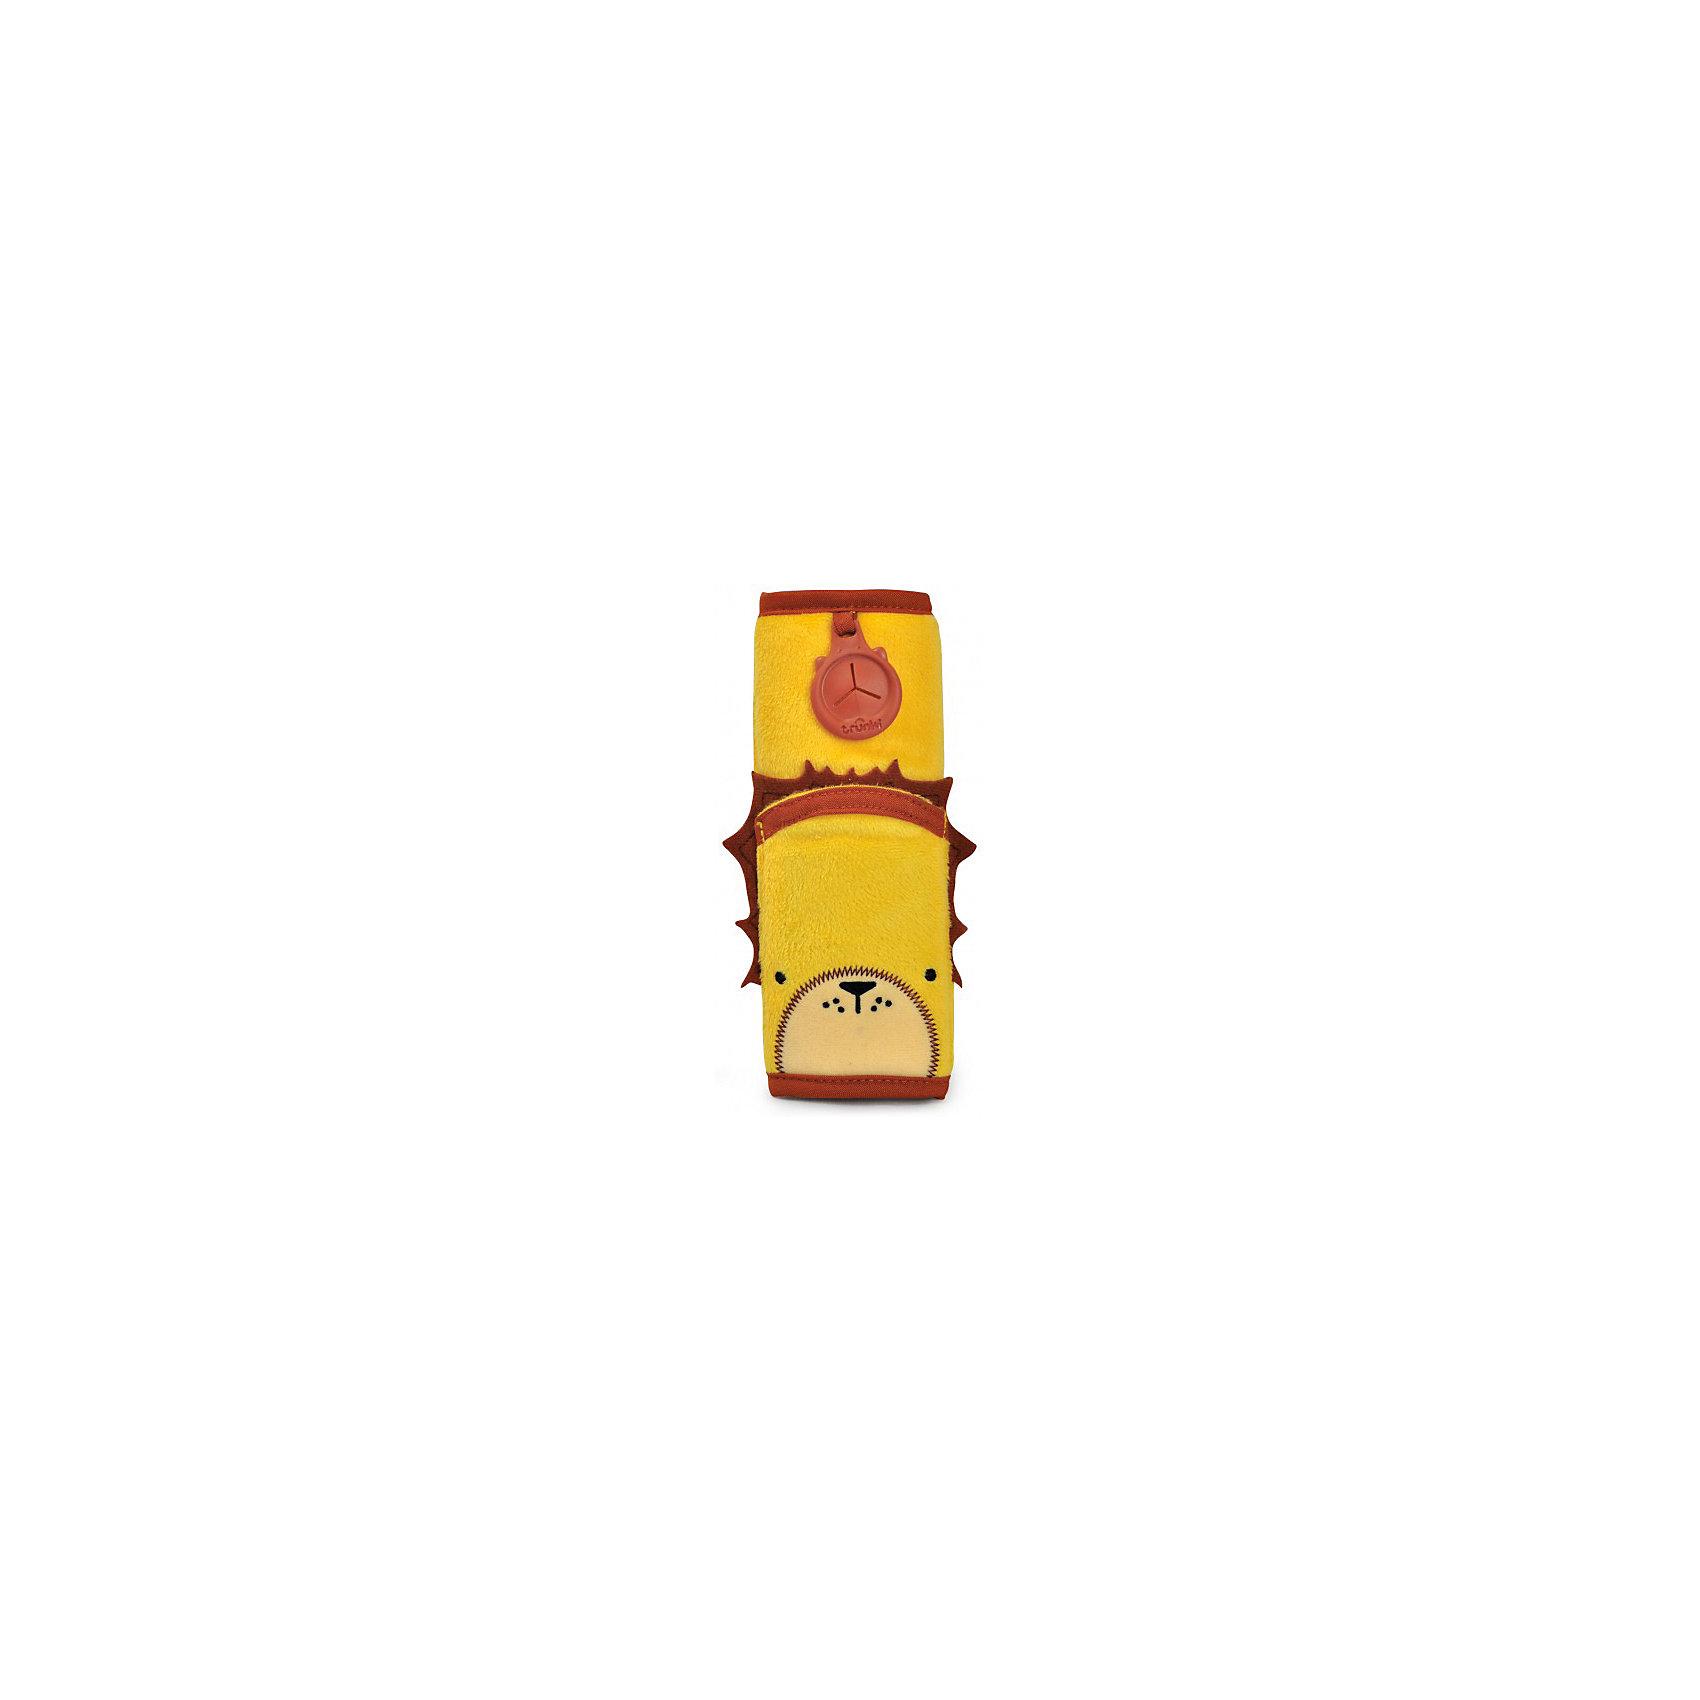 Накладка-чехол Лев для ремня безопасности в автоАксессуары<br>Накладка-чехол для ремня безопасности от всемирно-известного производителя чемоданов и дорожных аксессуаров Trunki сделает путешествие ребенка комфортным и безопасным.<br>Накладка из мягкого приятного на ощупь материала легко закрепляется на ремне благодаря липучке и позволяет избежать трения и неприятного давления на плечи и грудь ребенка.<br>Накладка-чехол Лев выполнена в ярком желтом цвете. Вместительный карман позволяет положить внутрь мобильный телефон, MP3 плеер или любимую игрушку небольшого размера.<br>Универсальный держатель Trunki Grip позволяет закрепить одеялко или же повесить солнцезащитные детские очки.<br><br>Дополнительная информация:<br><br>Размер накладки: 18 х 7 см.<br>Размер внутреннего кармана: 10 х 7 см.<br><br>Накладку-чехол Лев для ремня безопасности в авто можно купить в нашем магазине.<br><br>Ширина мм: 70<br>Глубина мм: 10<br>Высота мм: 180<br>Вес г: 50<br>Возраст от месяцев: 36<br>Возраст до месяцев: 84<br>Пол: Унисекс<br>Возраст: Детский<br>SKU: 4090980